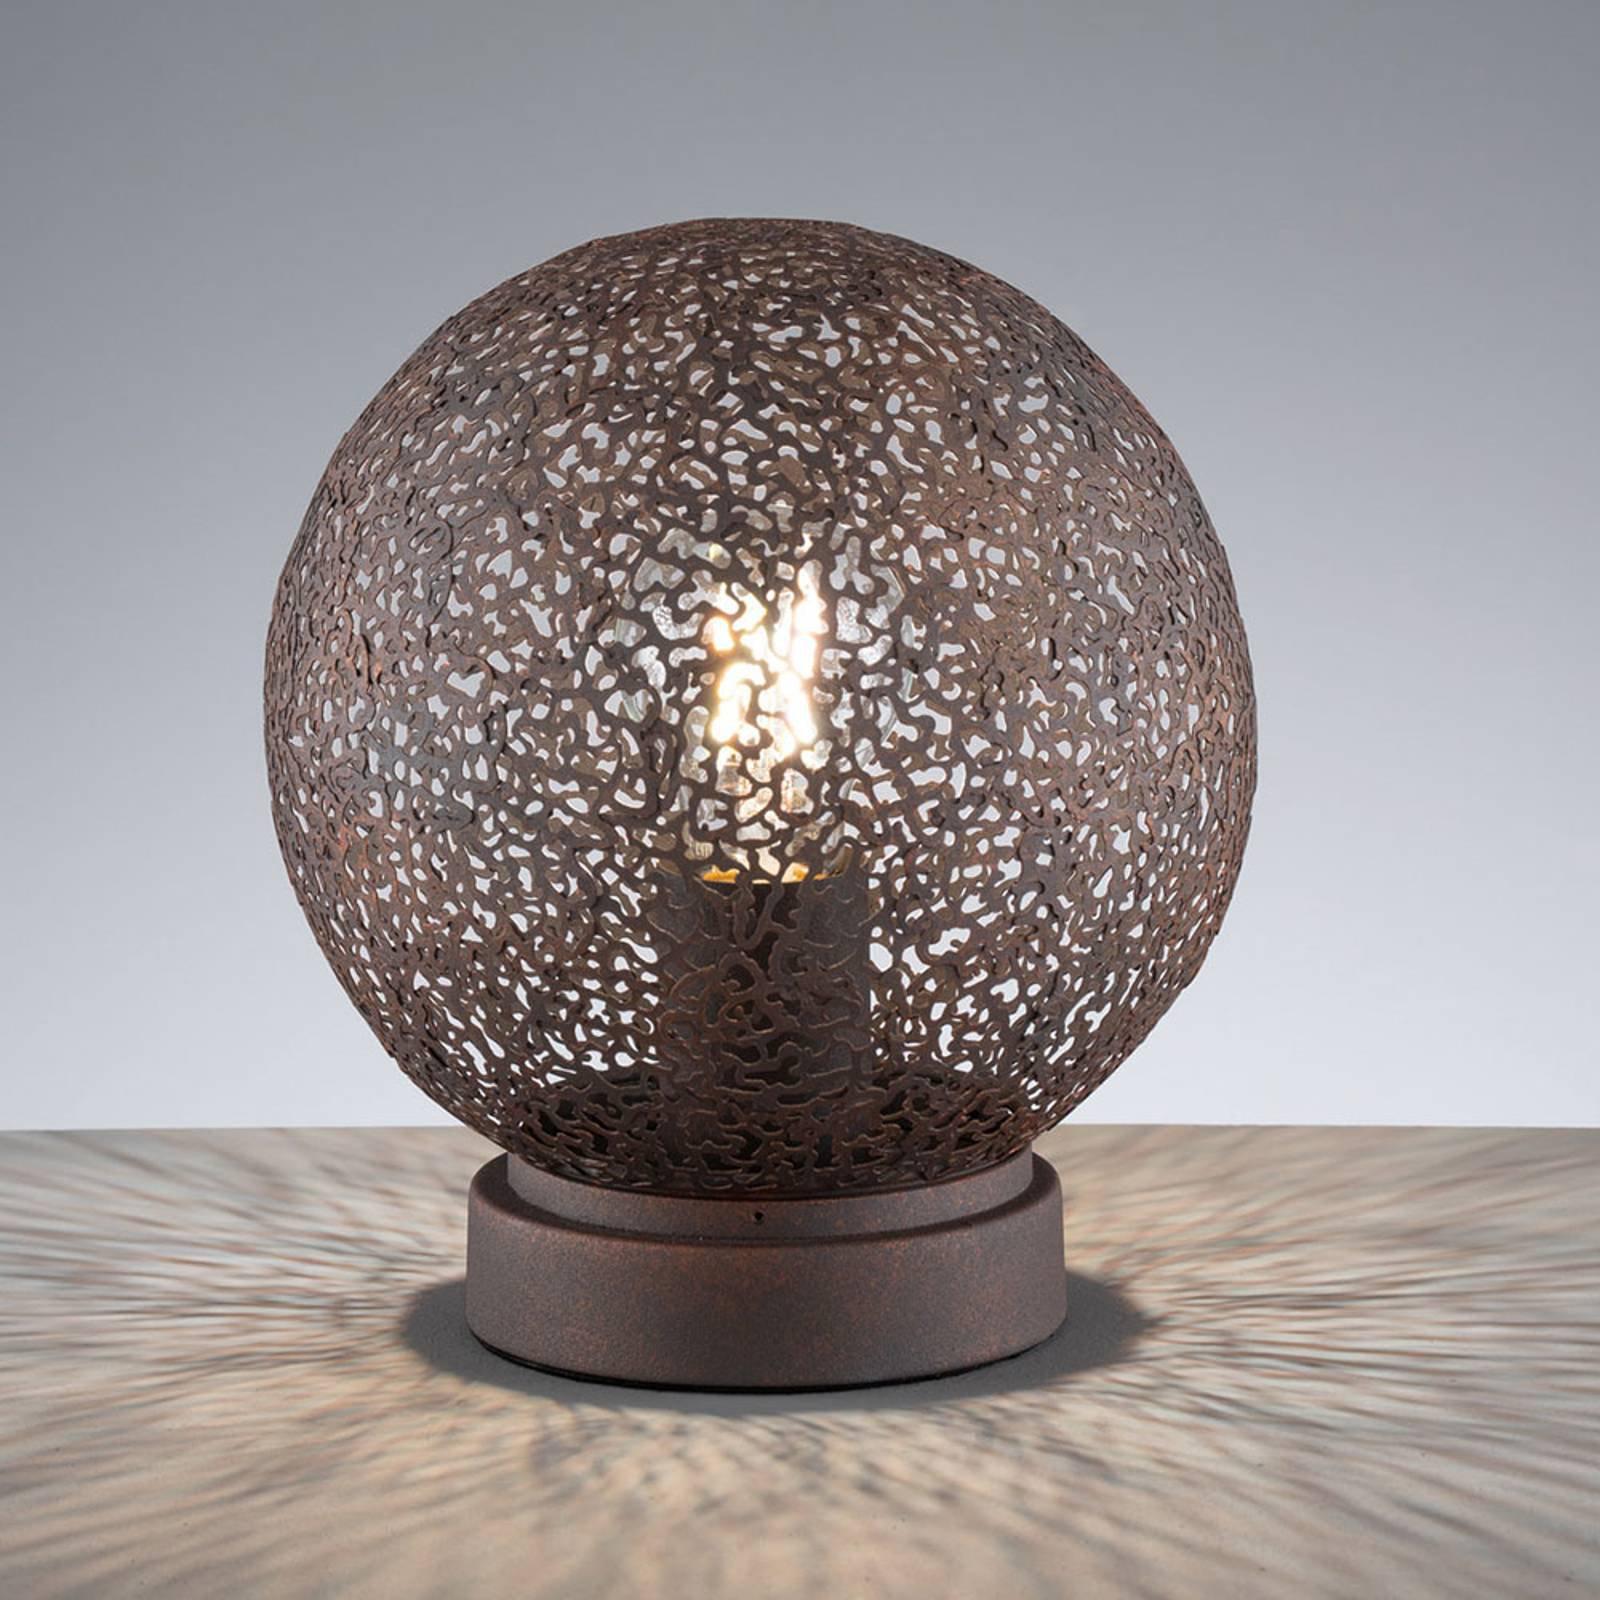 Bordlampe Willo, høyde 22 cm, Ø 20 cm